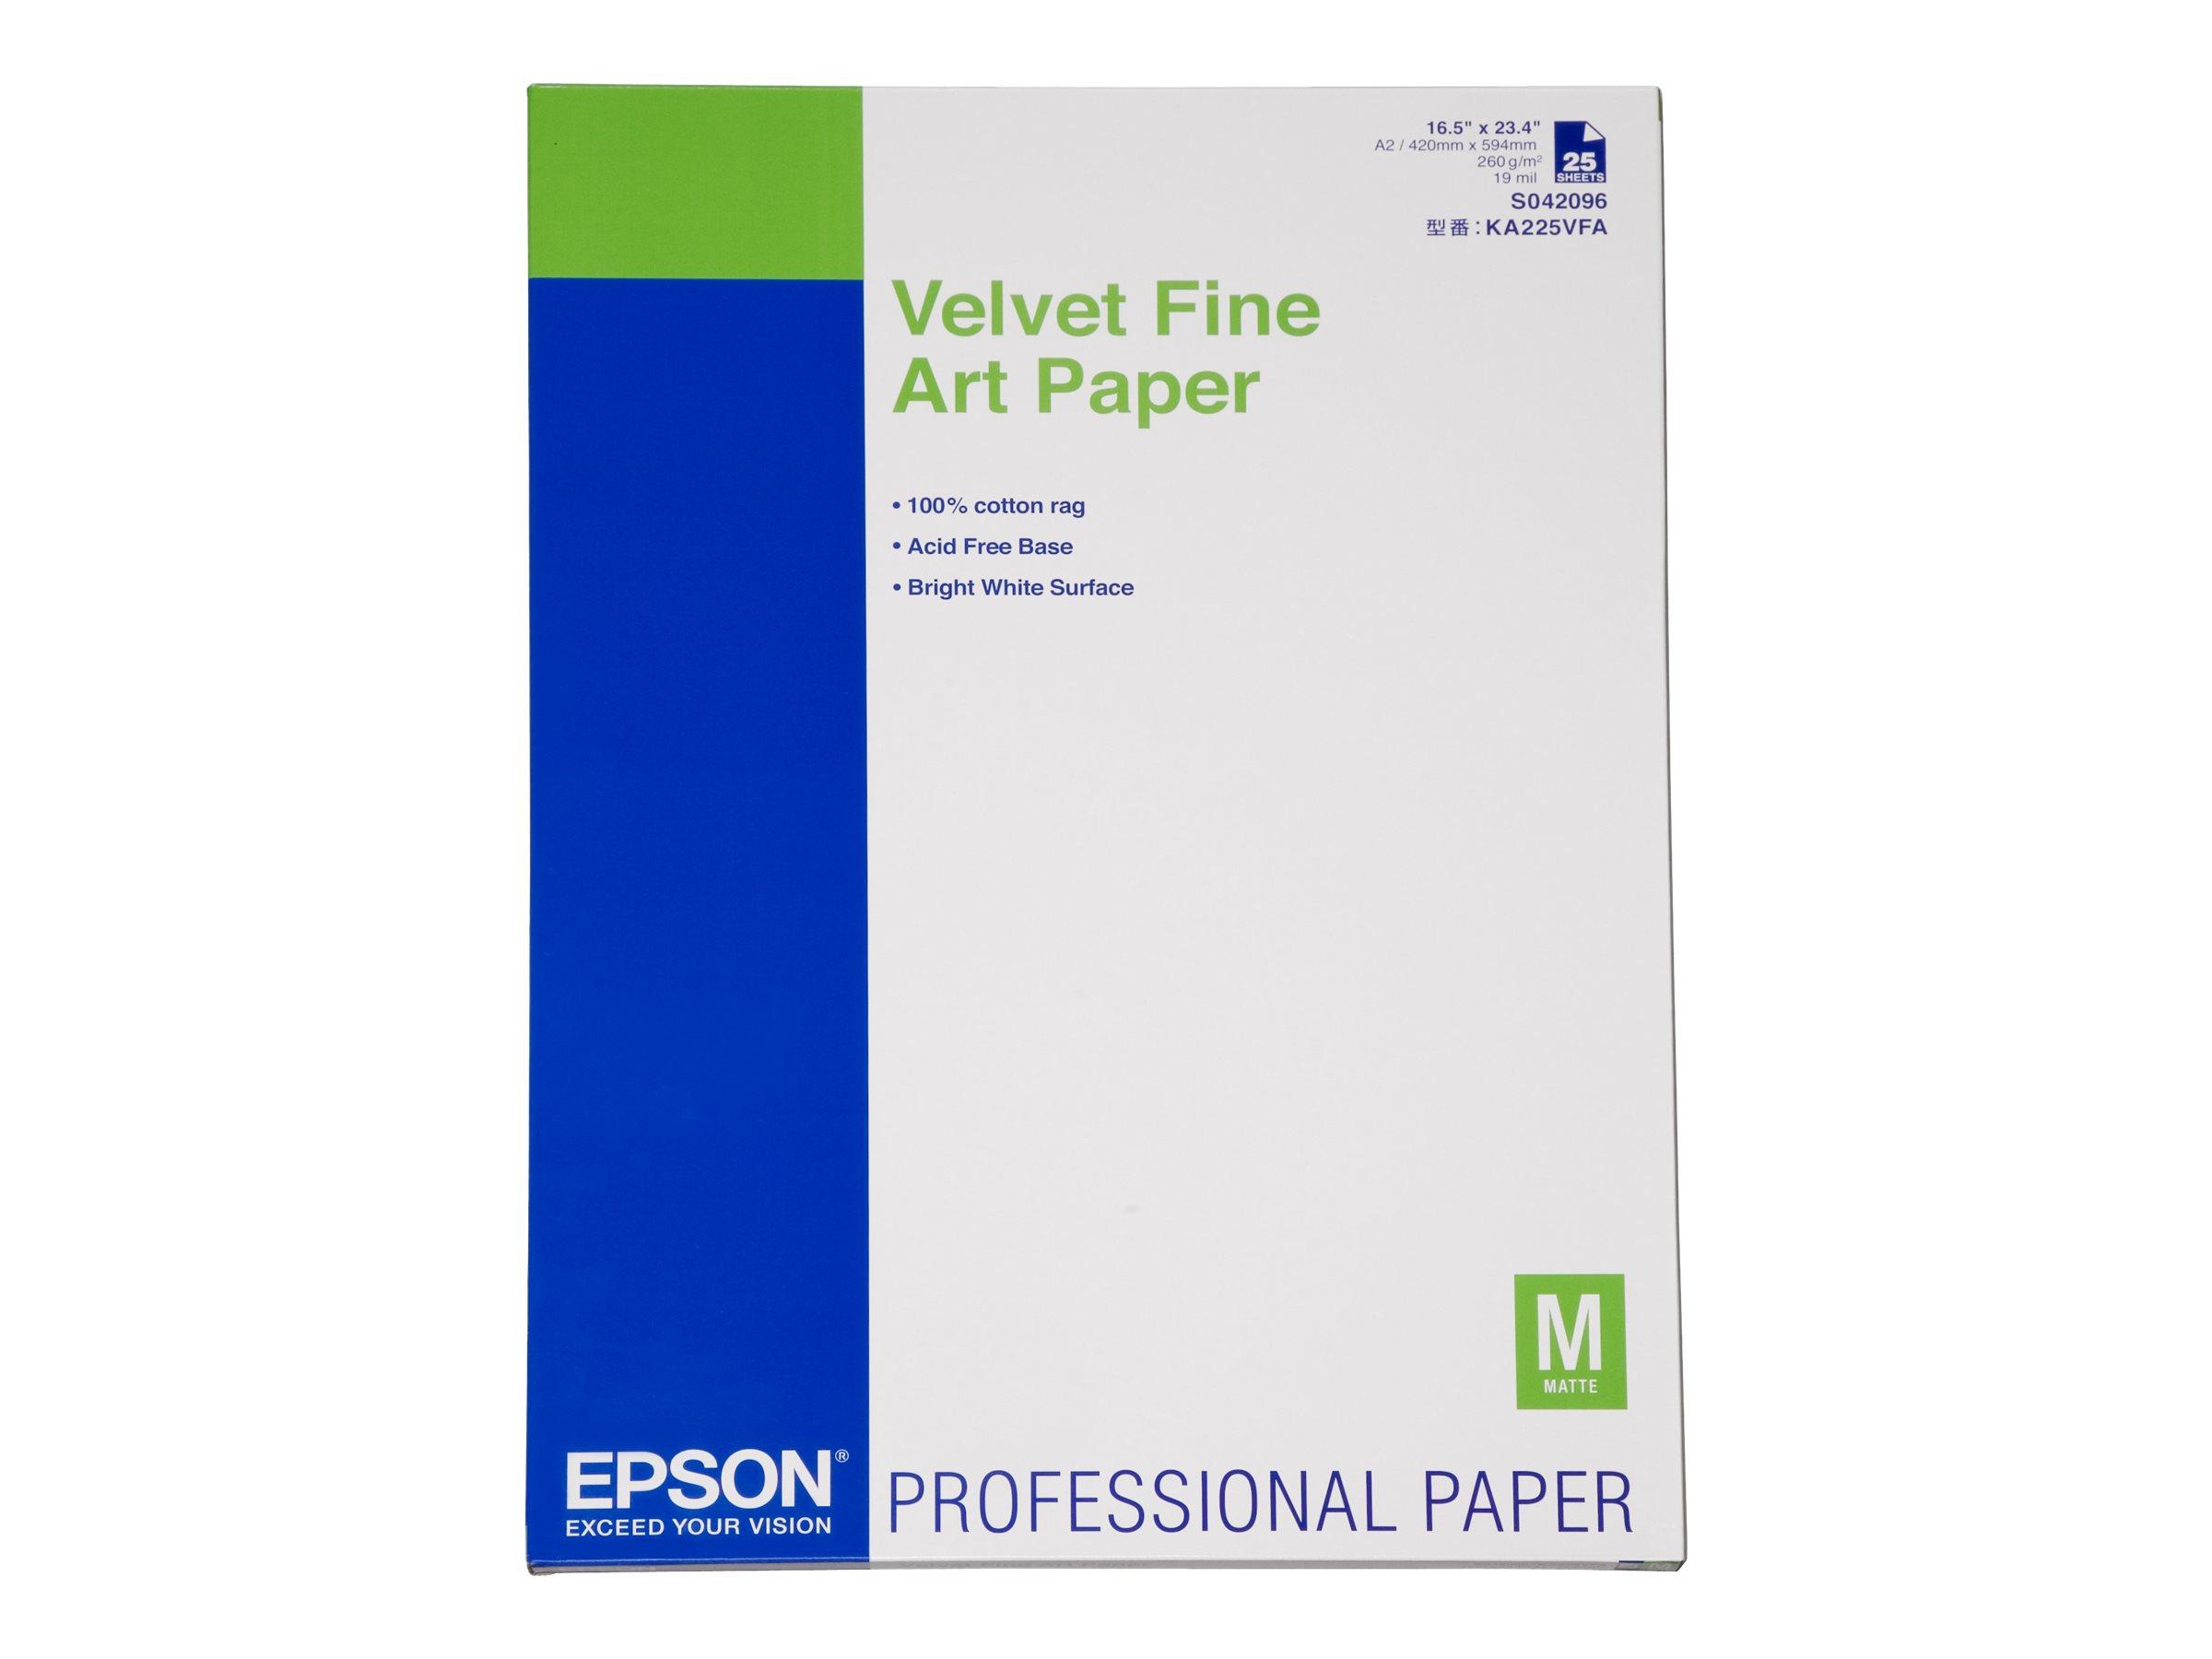 Epson Fine Art Velvet - Velvet